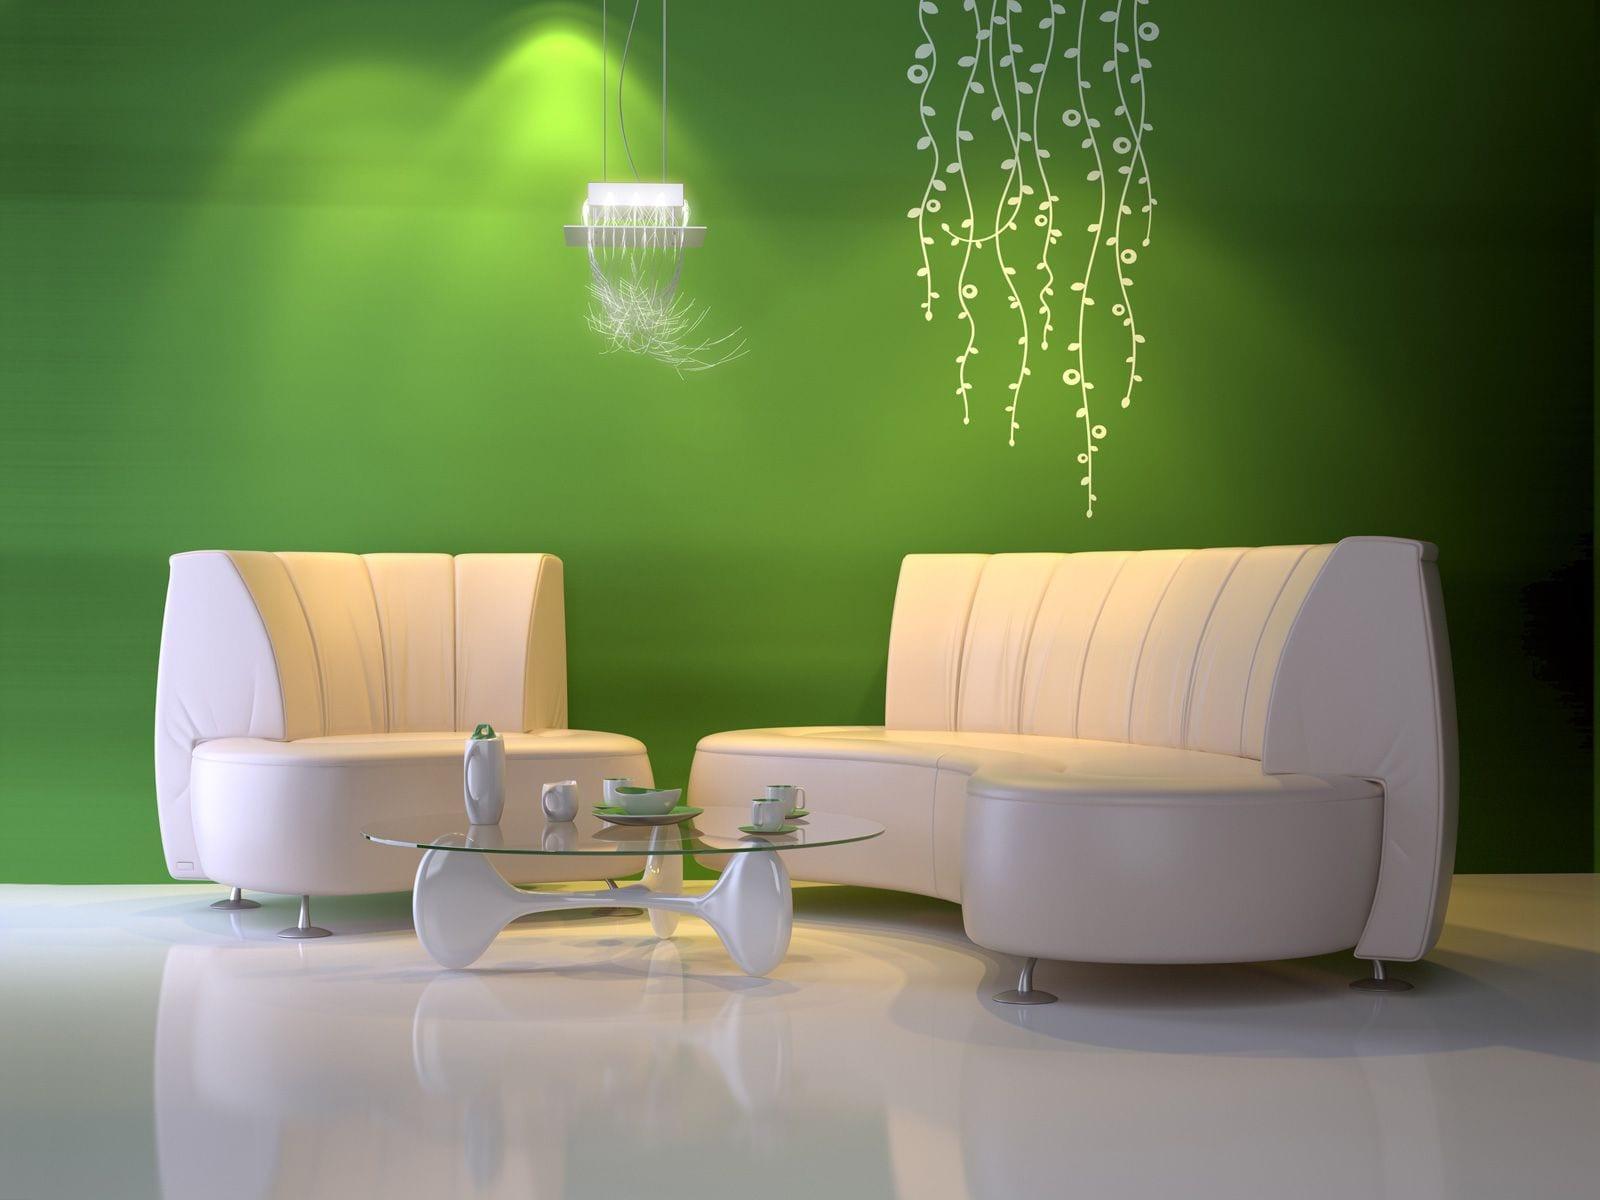 wandgestaltung grün - freshouse, Schlafzimmer entwurf